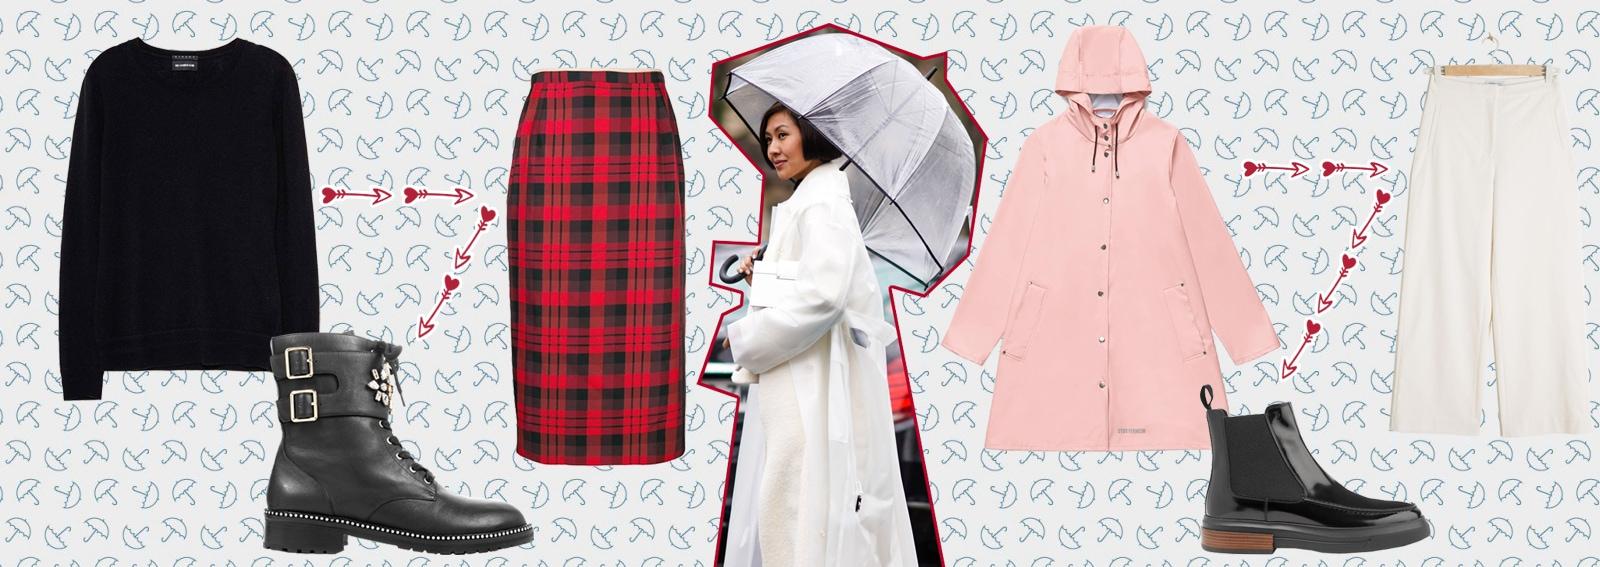 DESKTOP_outfit_pioggia